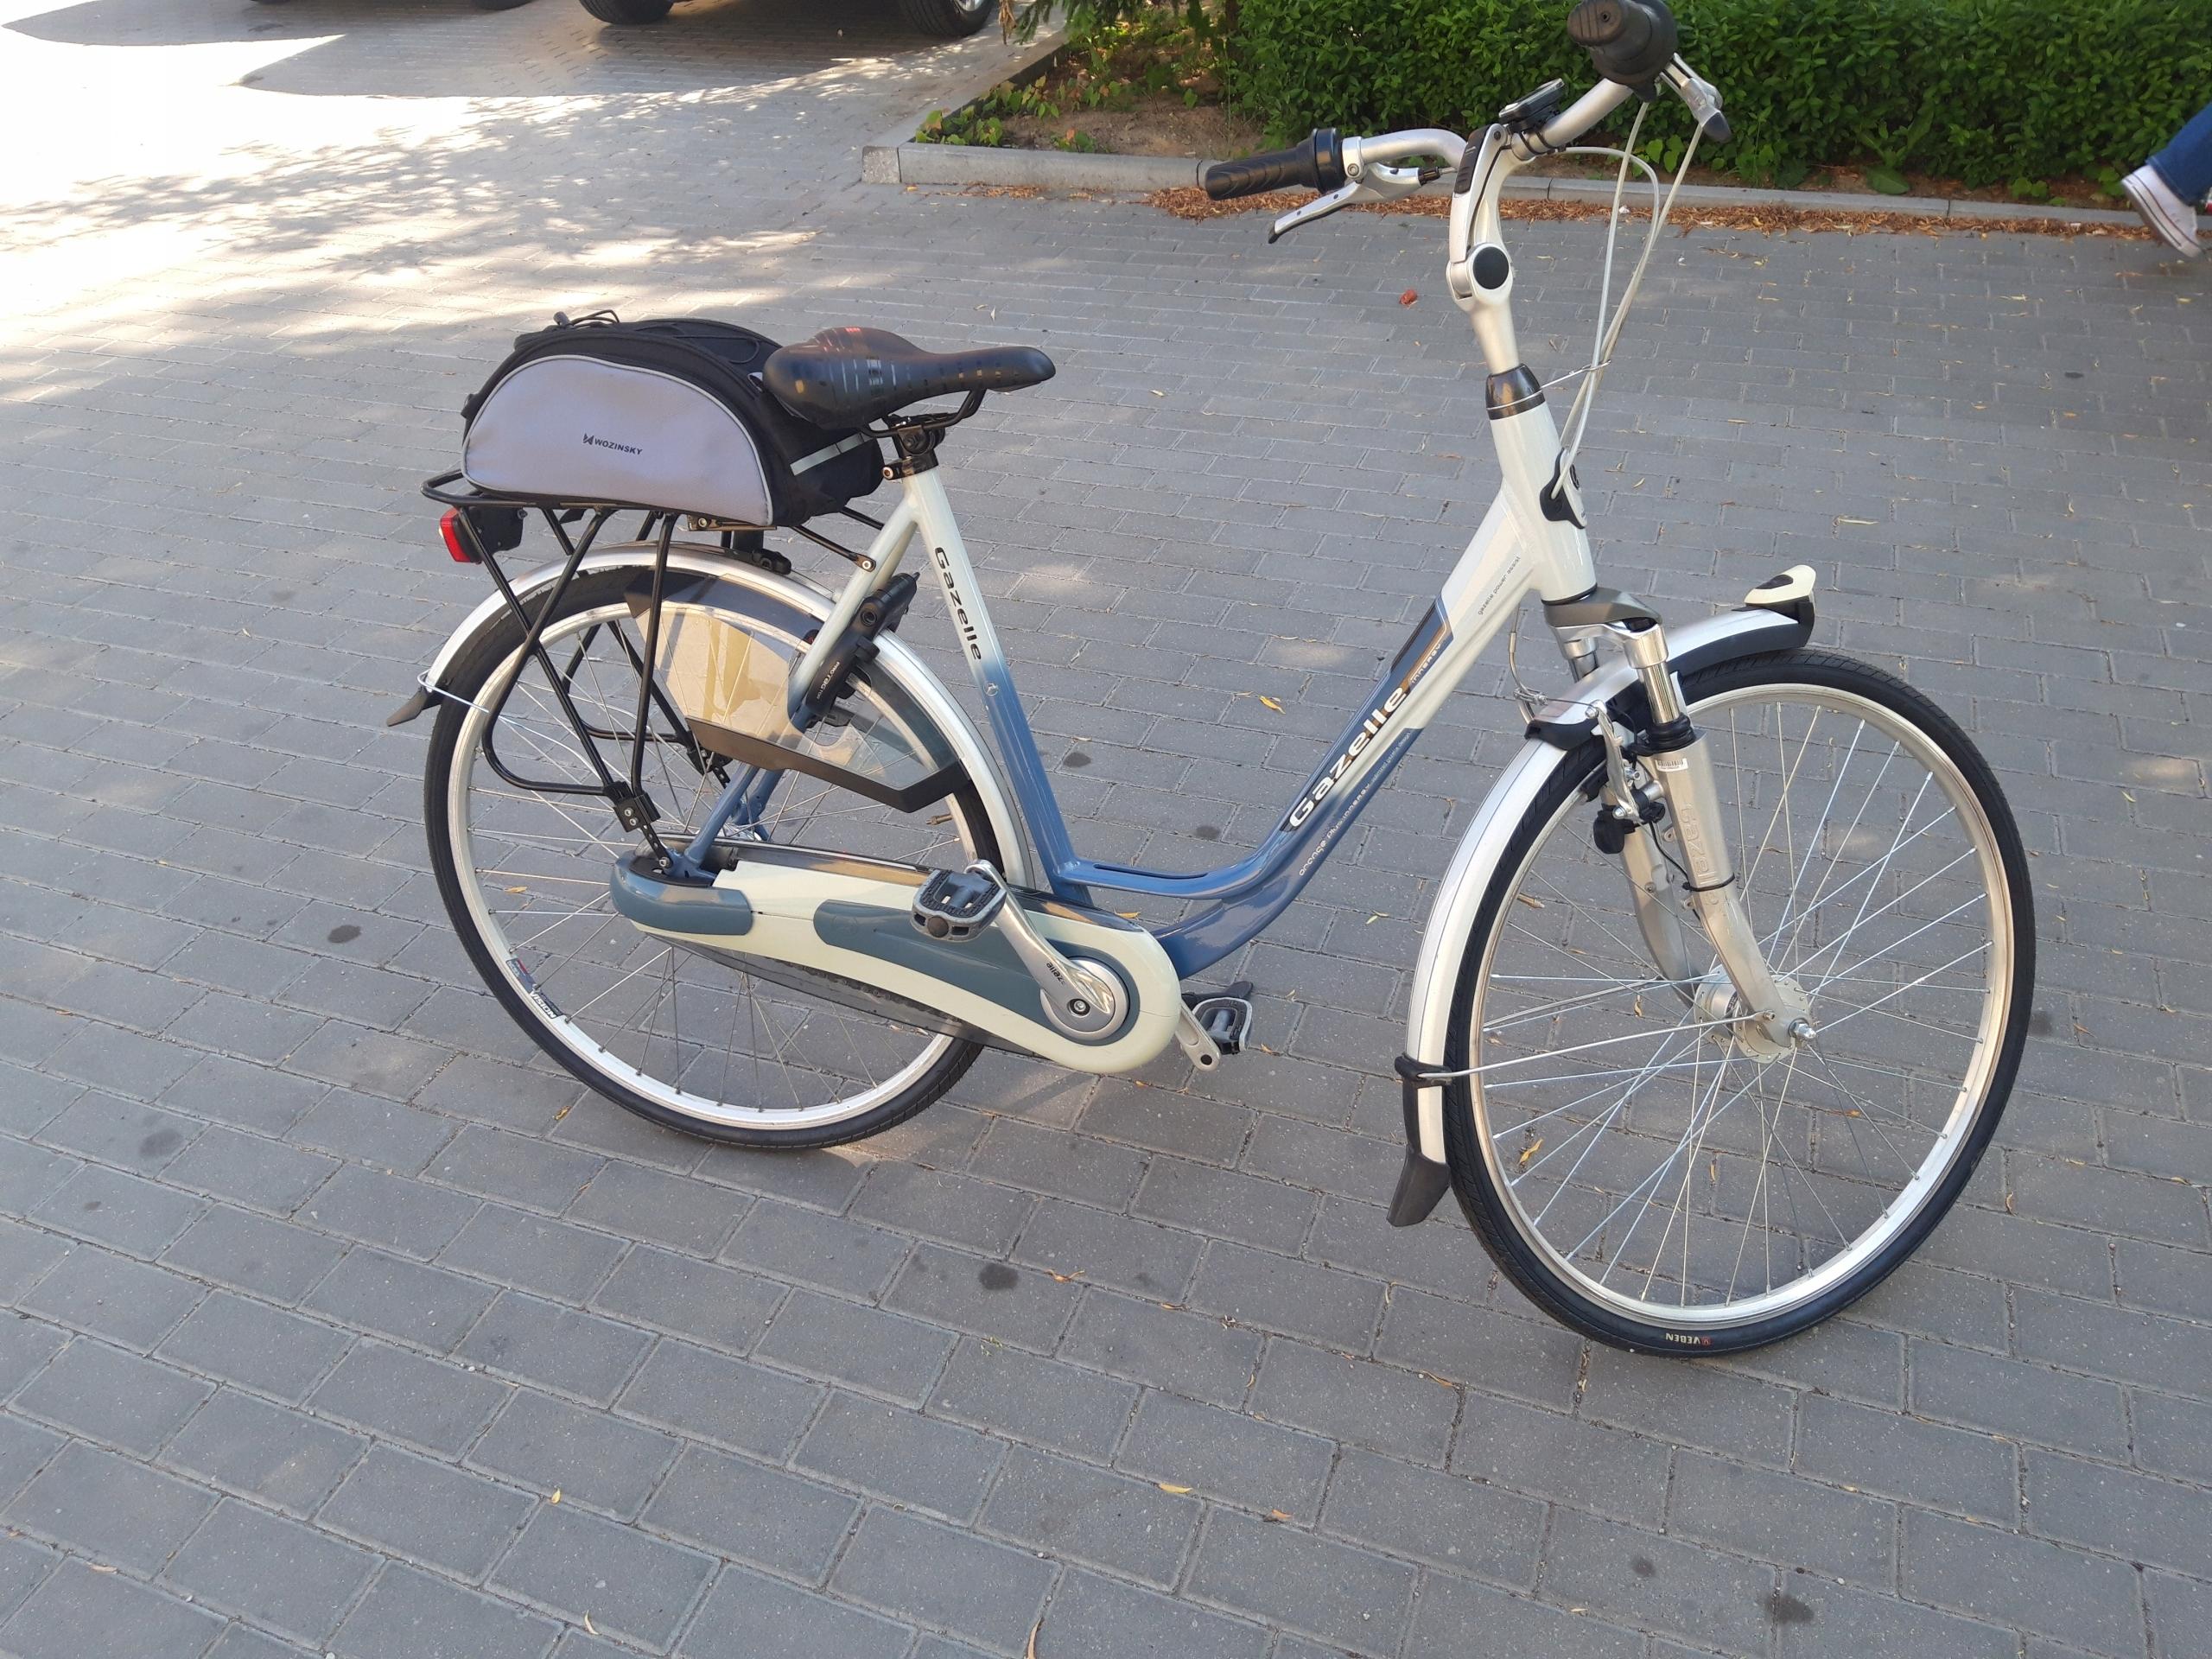 Sprzedam rower gazella stan bdb